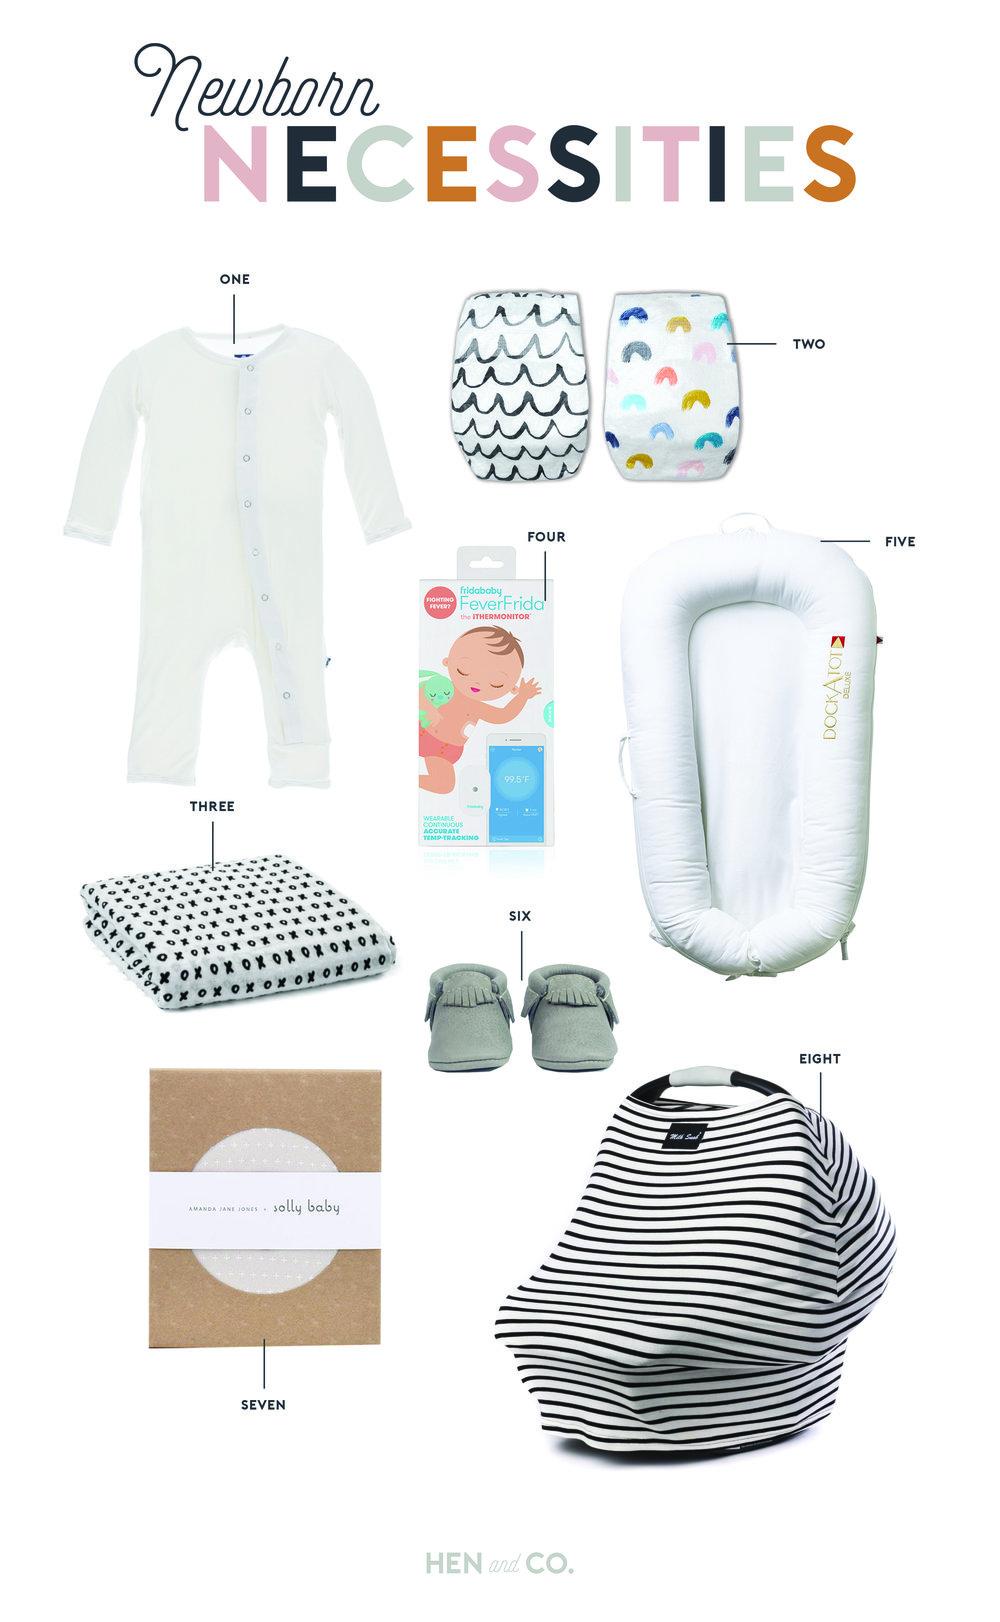 d0eec35657d Newborn Necessities for the 4th Baby — Hen & Co